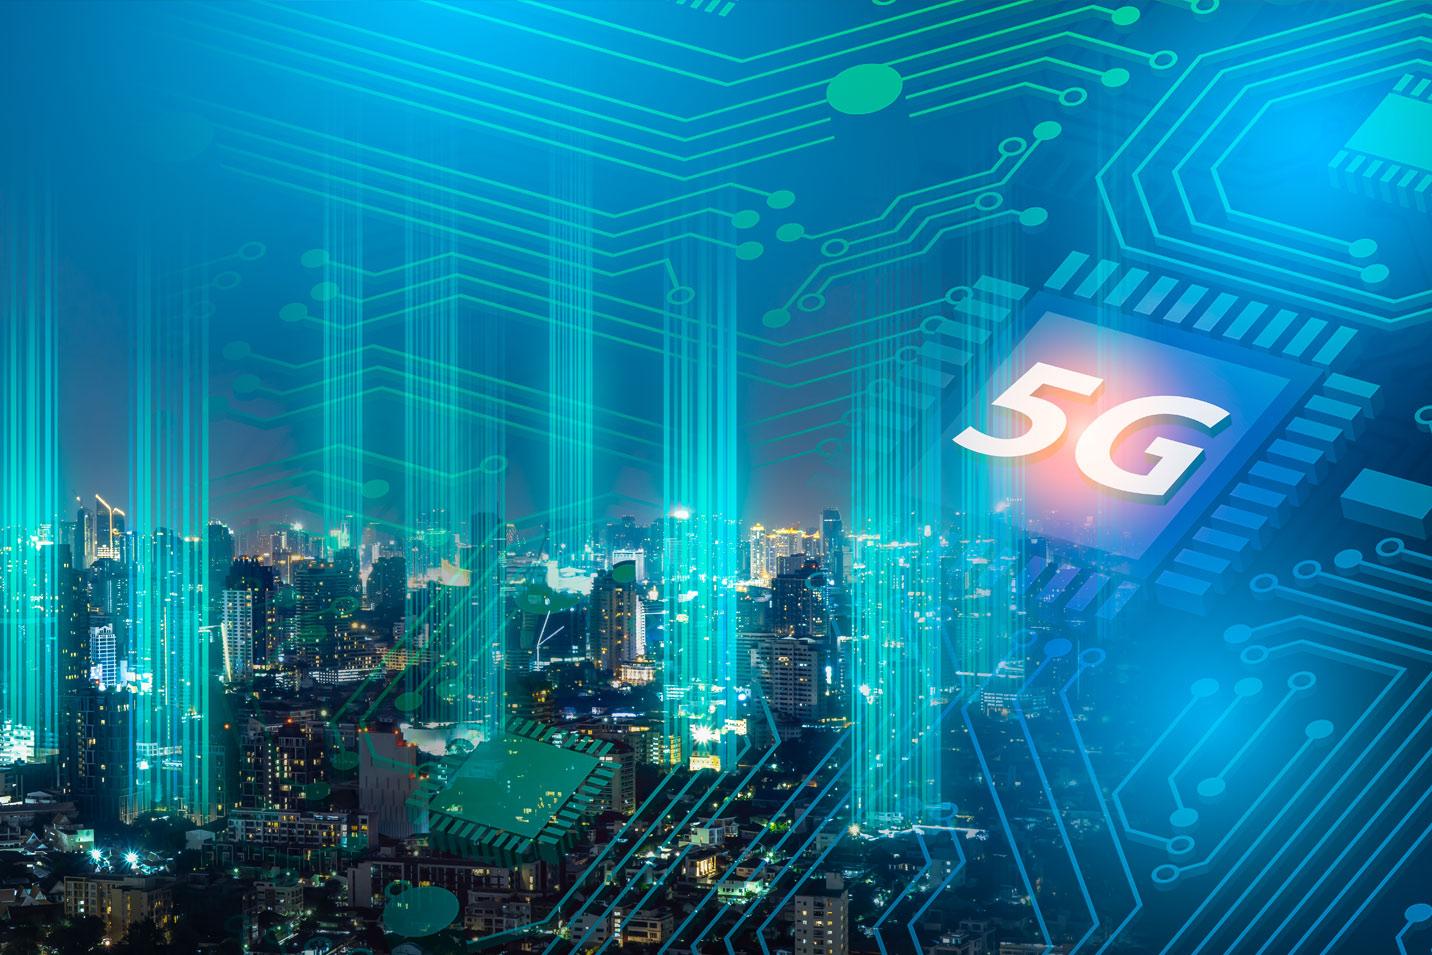 5G gamechanger